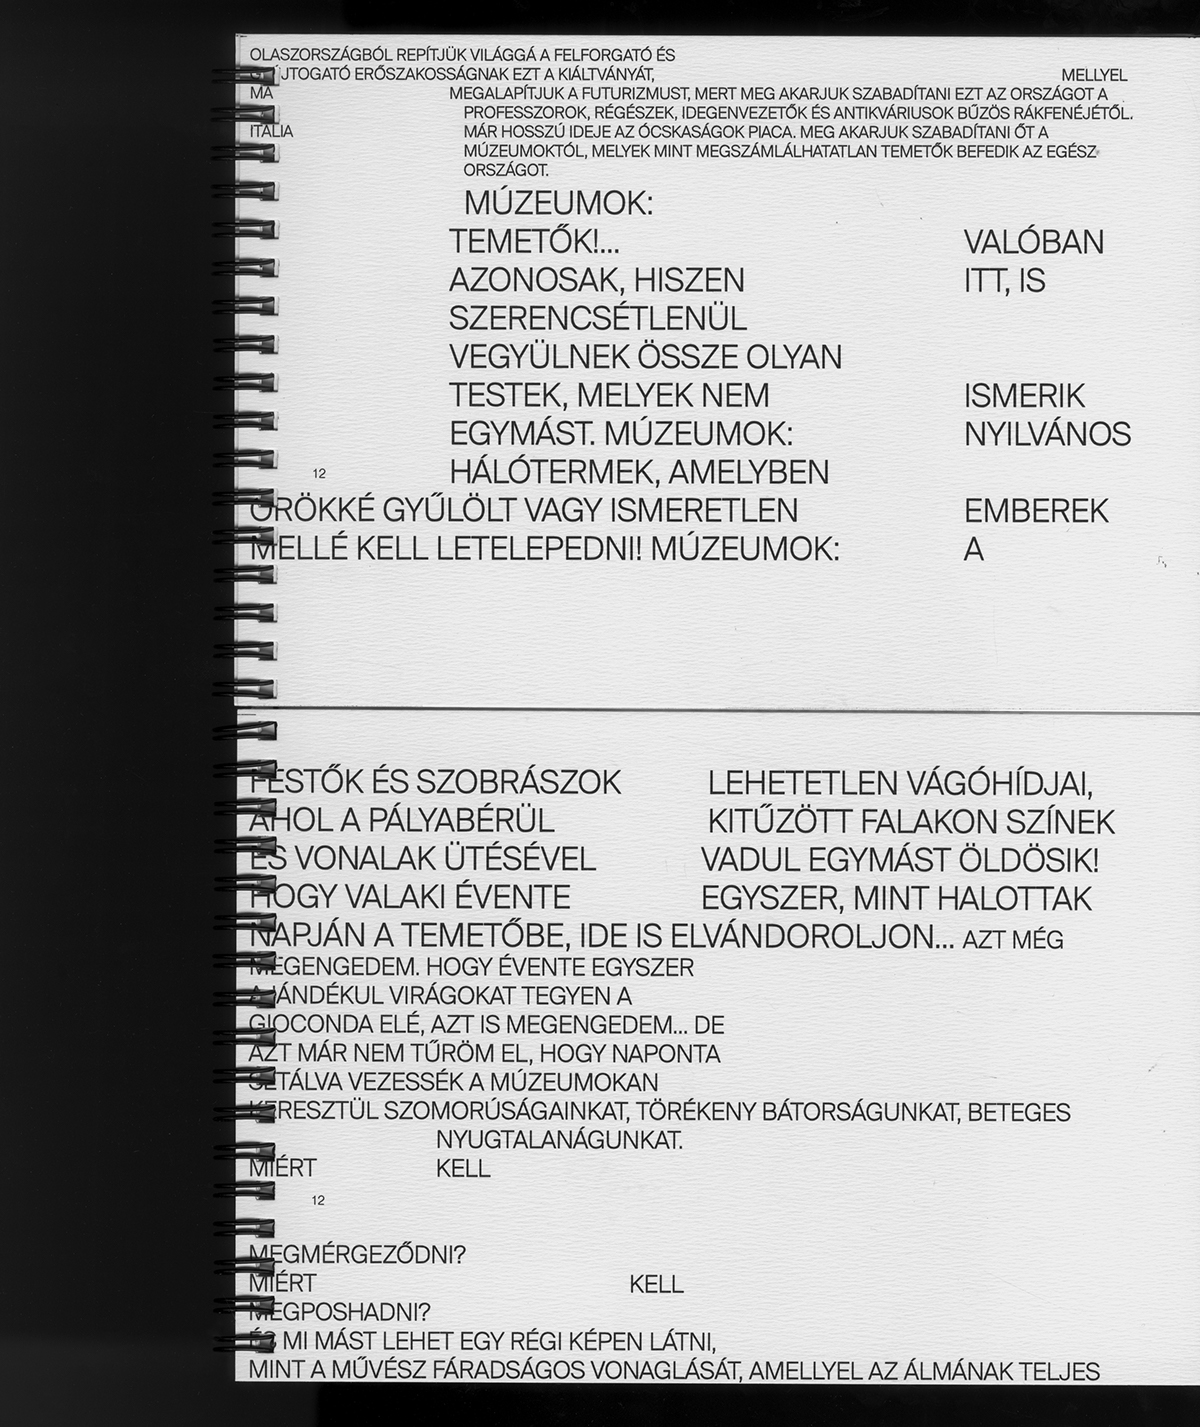 Wikipédia:Tudakozó/Archívum/2009-11-28